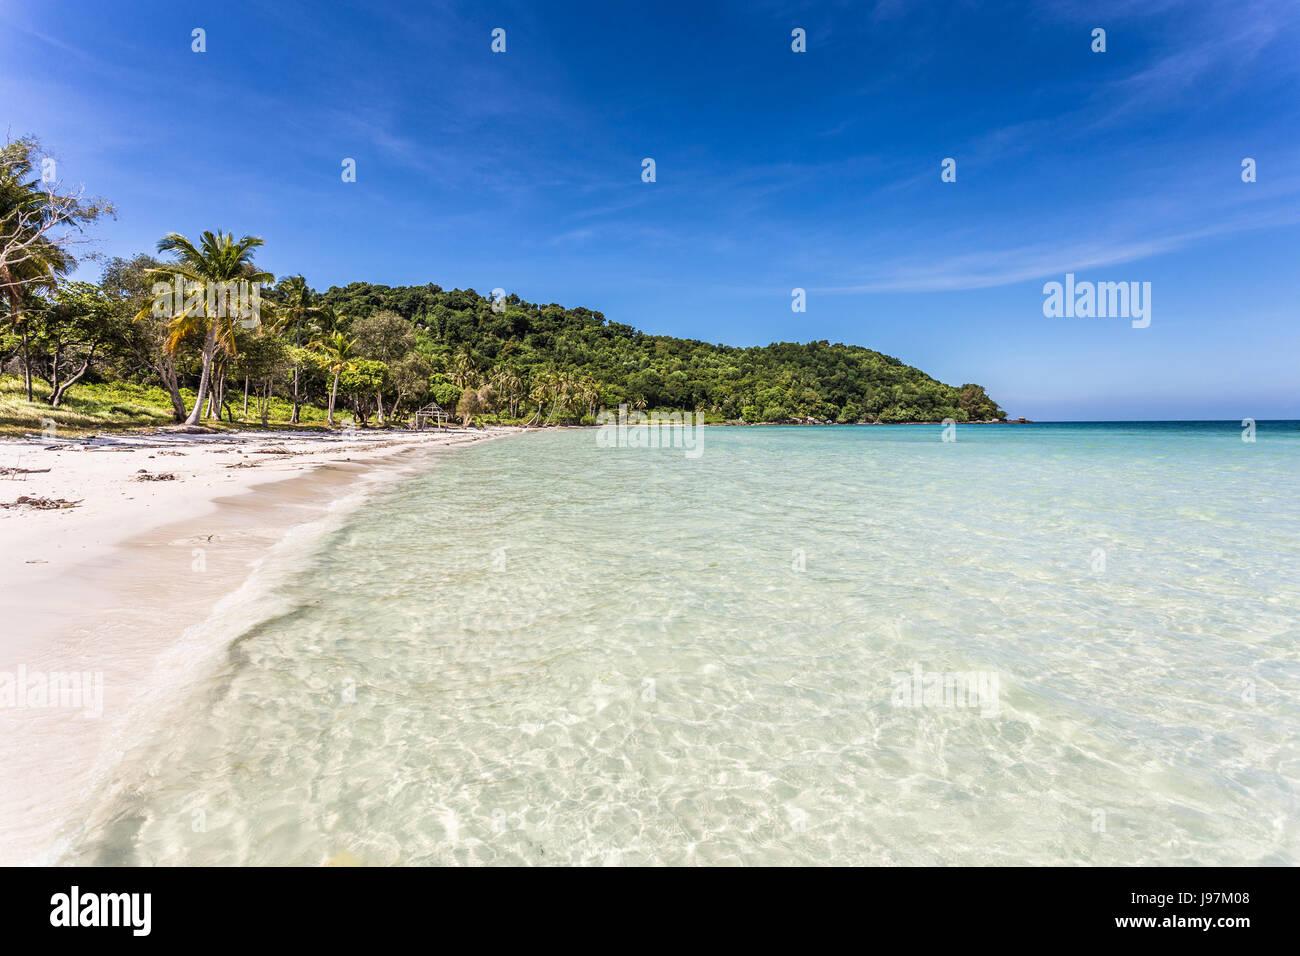 Plage de sable blanc magnifique Bai nom Sao beach dans l'île de Phu Quoc au Vietnam du Sud dans le golfe Photo Stock